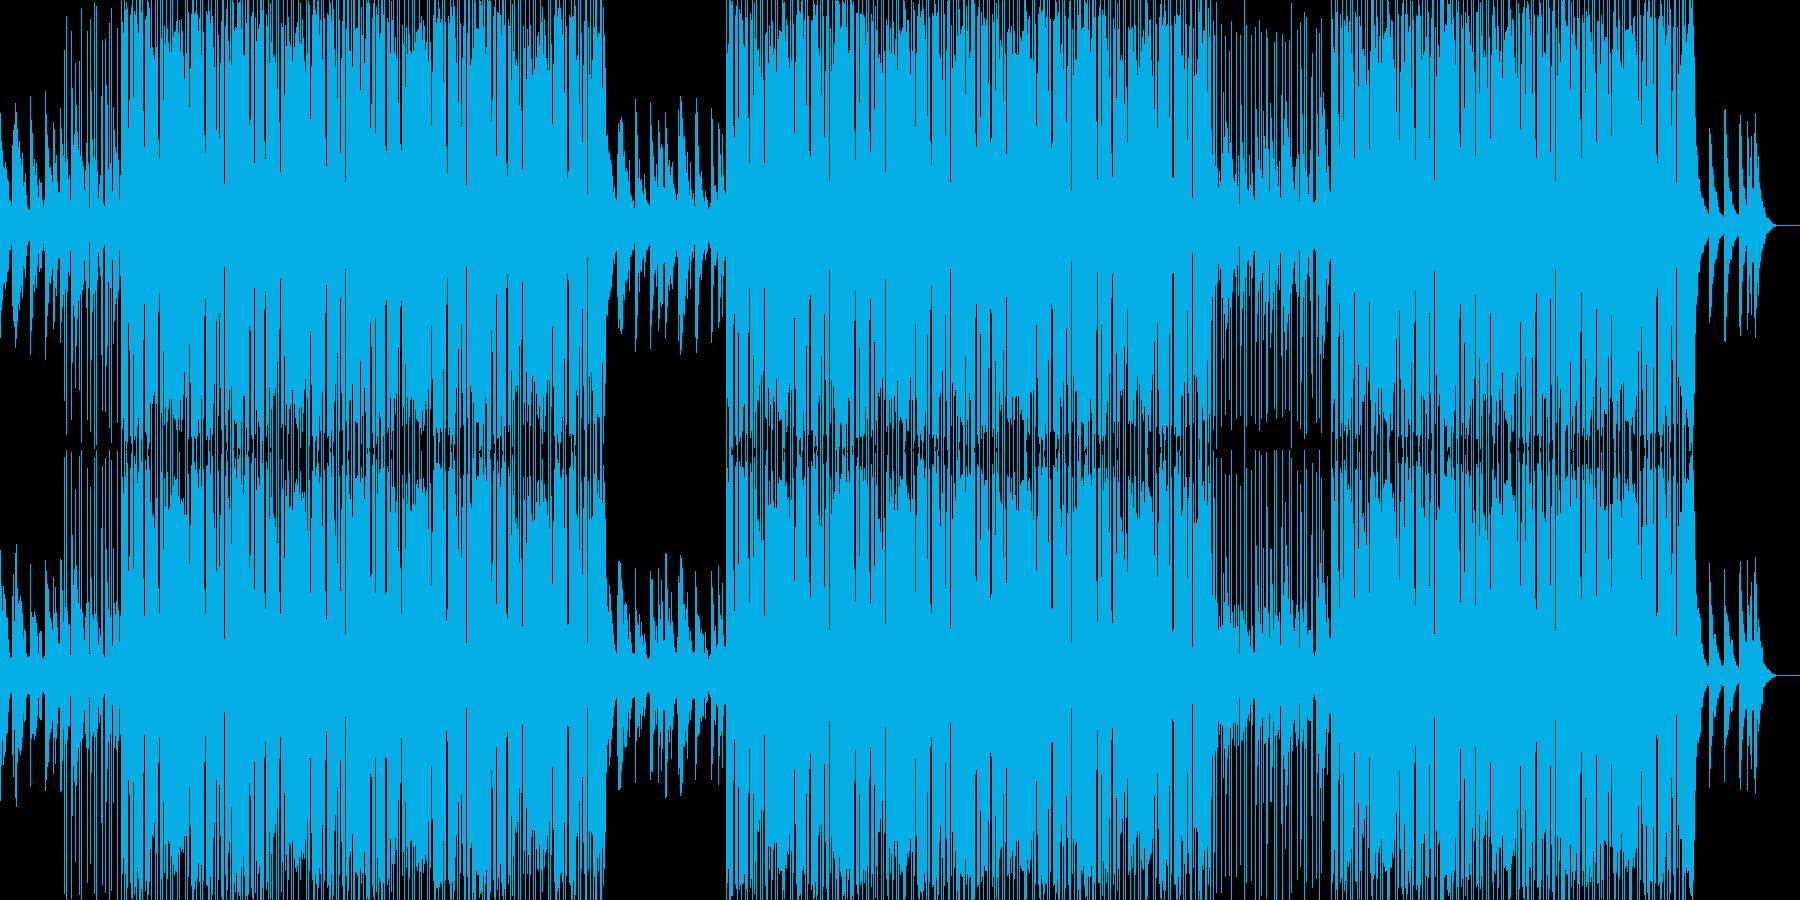 バレンタイン/恋愛/Lofiヒップホップの再生済みの波形